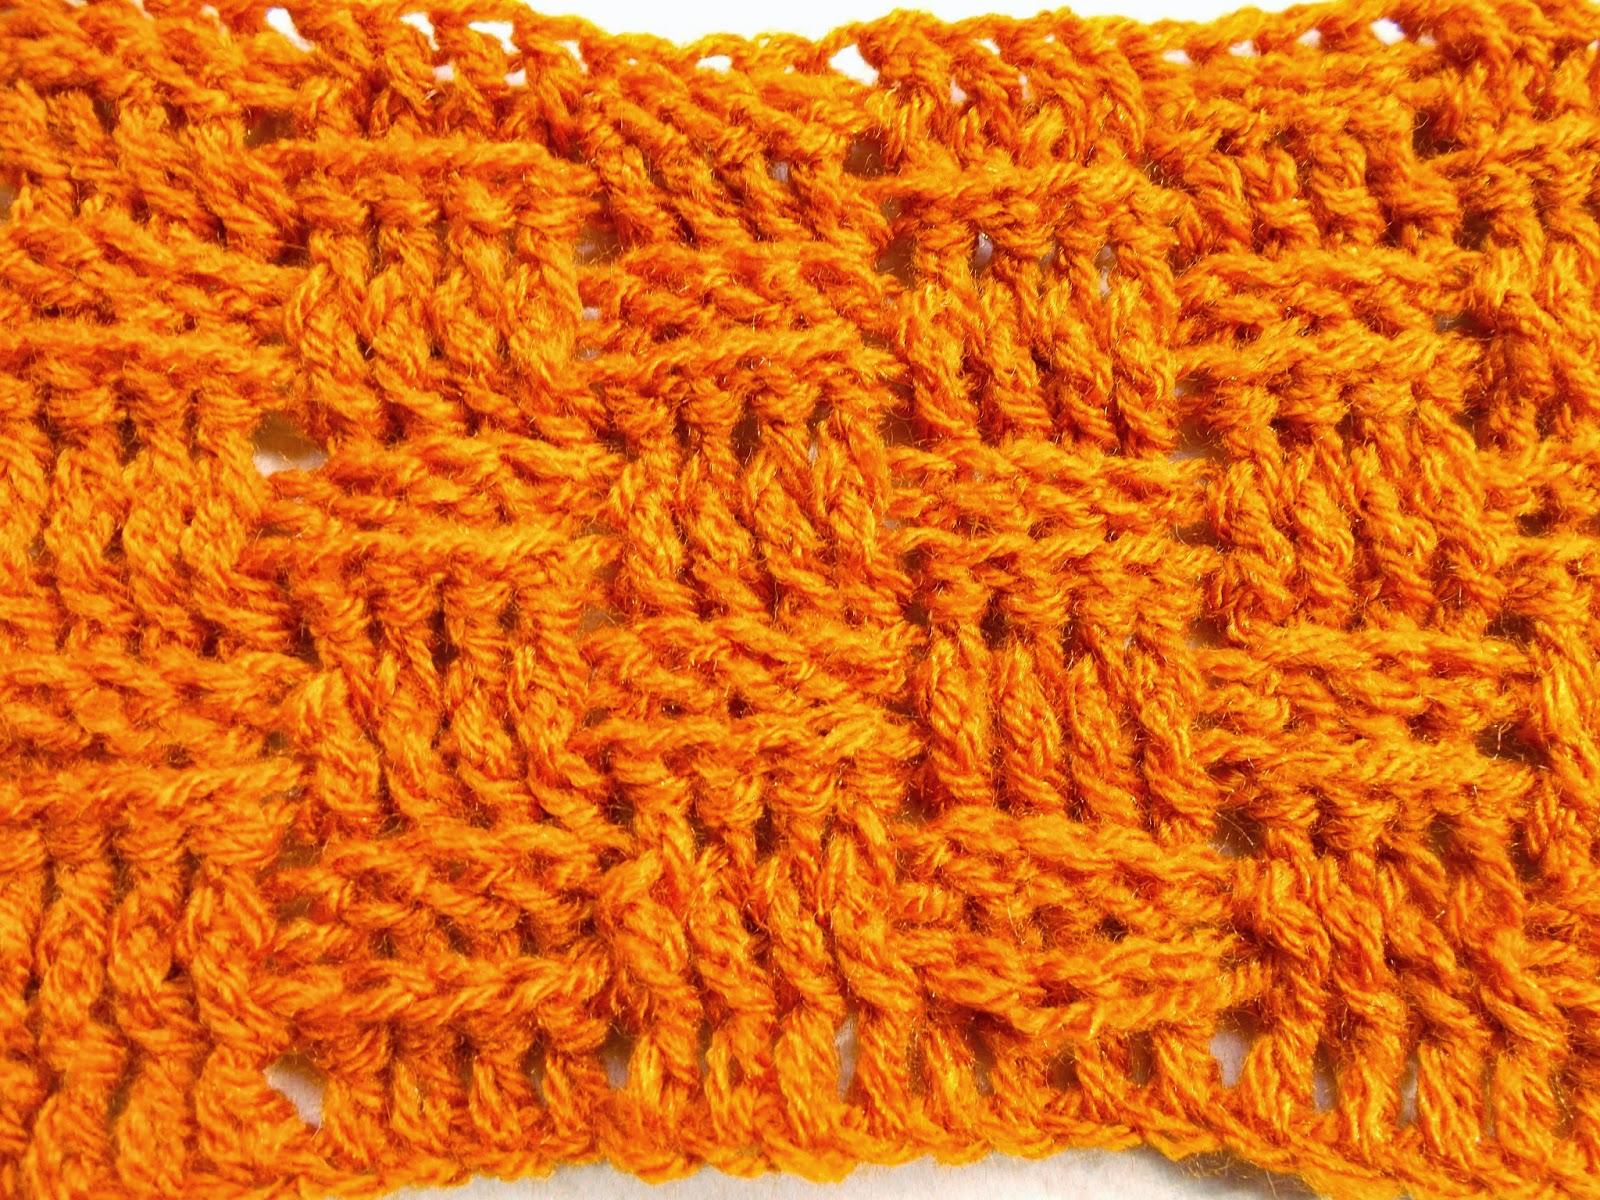 free crochet scarf pattern, free crochet wicker scarf pattern, free crochet basket weave pattern